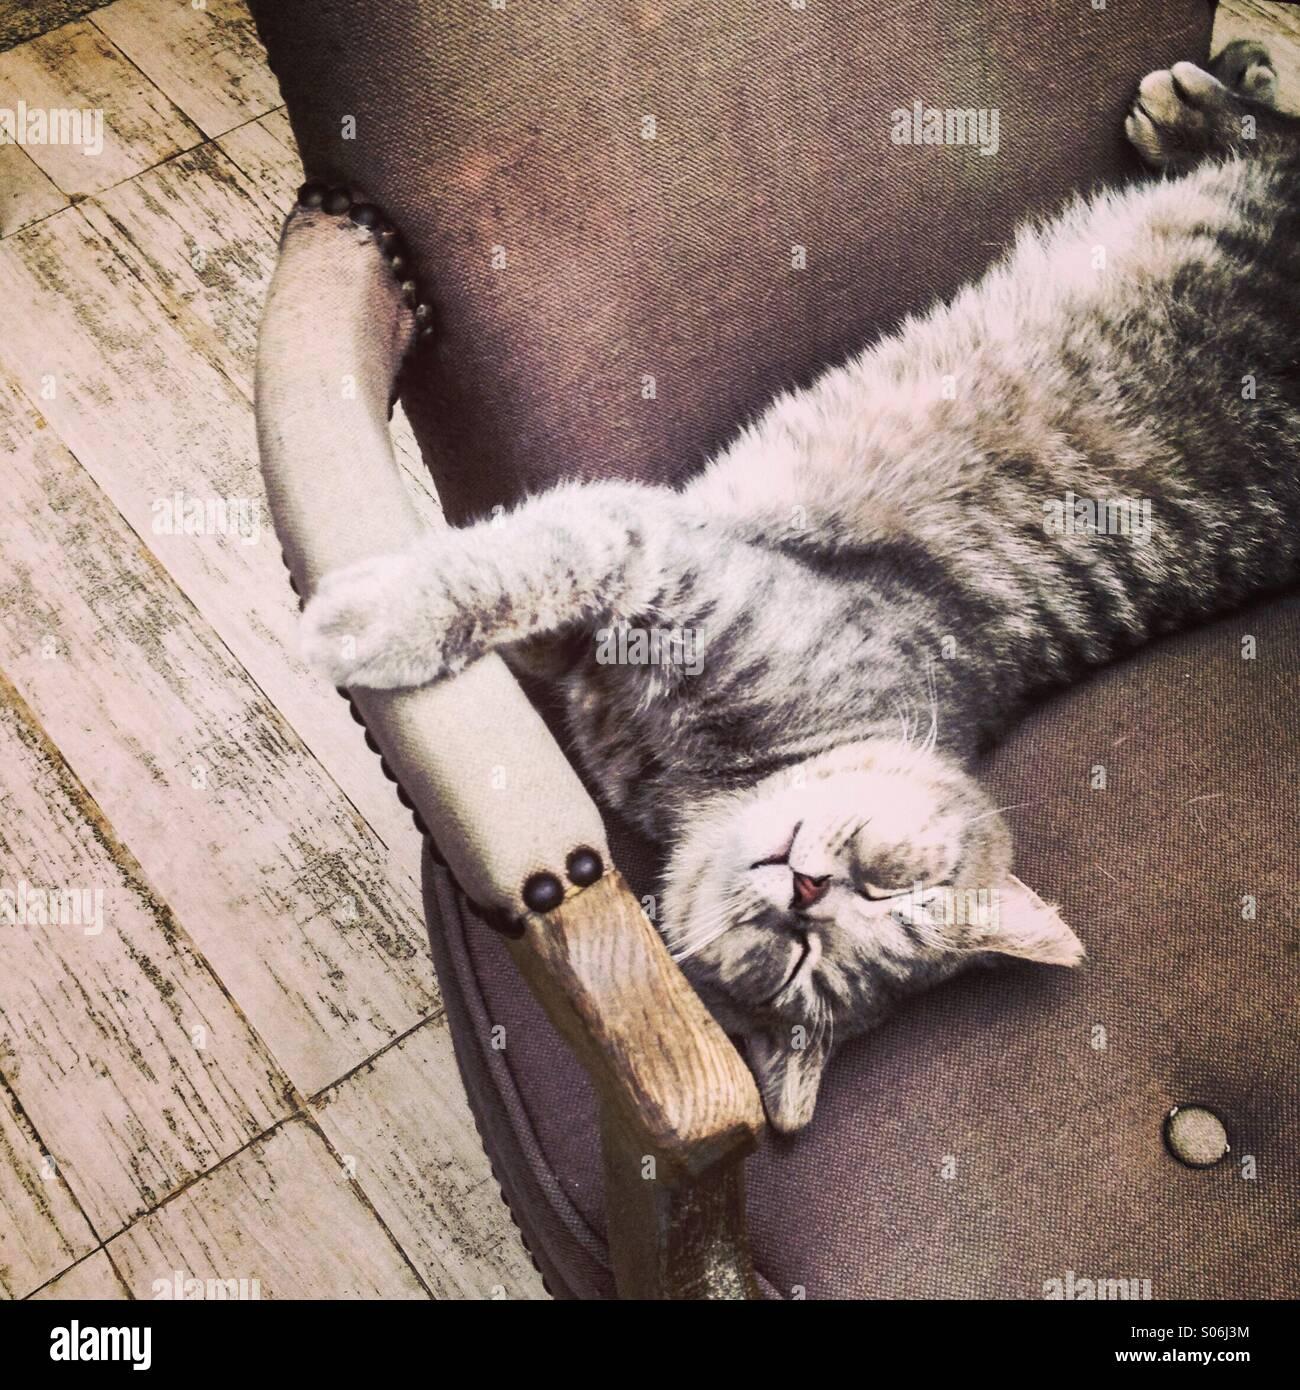 Cat relajándose en una silla. Imagen De Stock